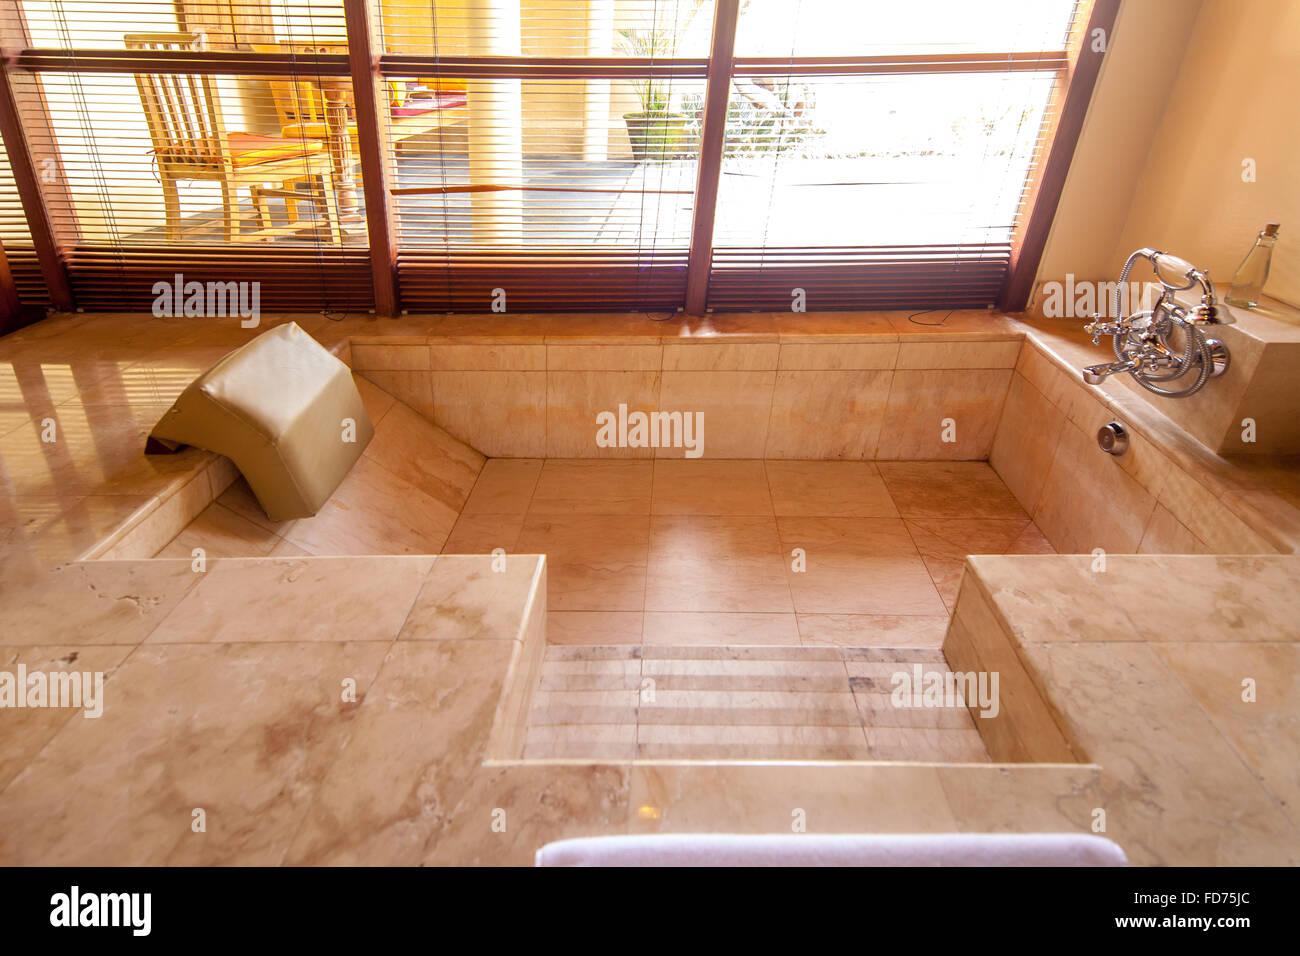 Versunkene Bad, Boden, Bad, Badezimmer in ein gutes Hotel, Tourismus ...